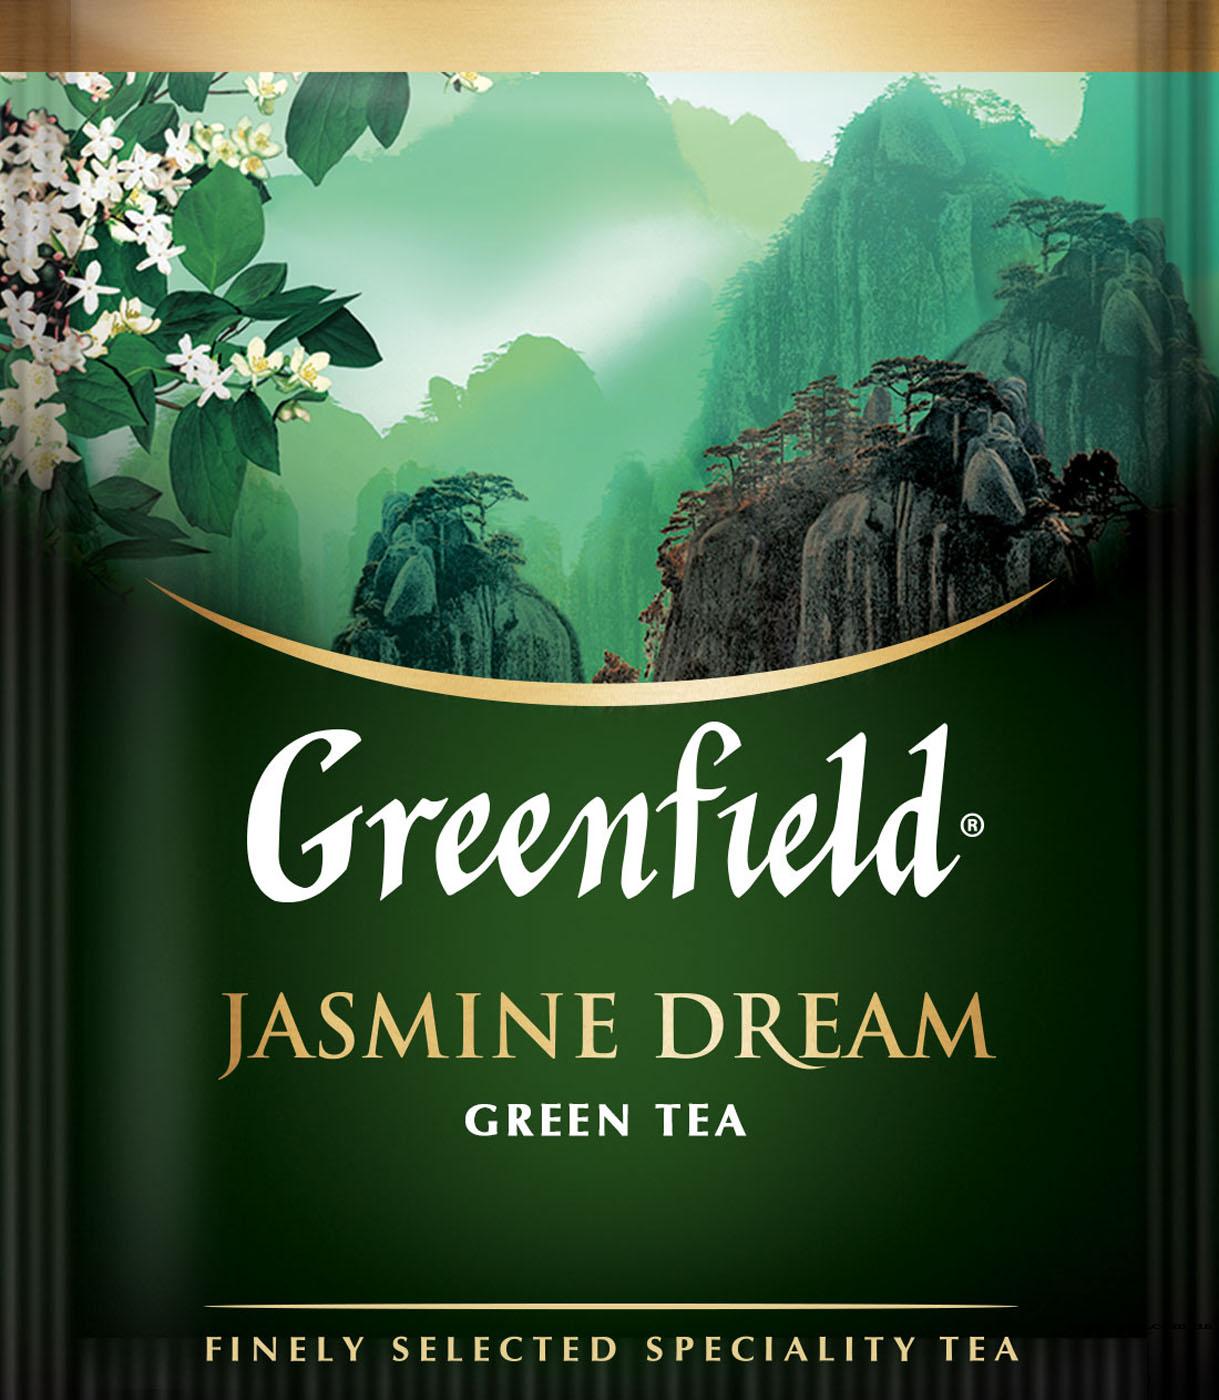 Чай зеленый ароматизированный Jasmine Dream 100пак. по 2гр., термосаше, в пакете Greenfield - фото 1